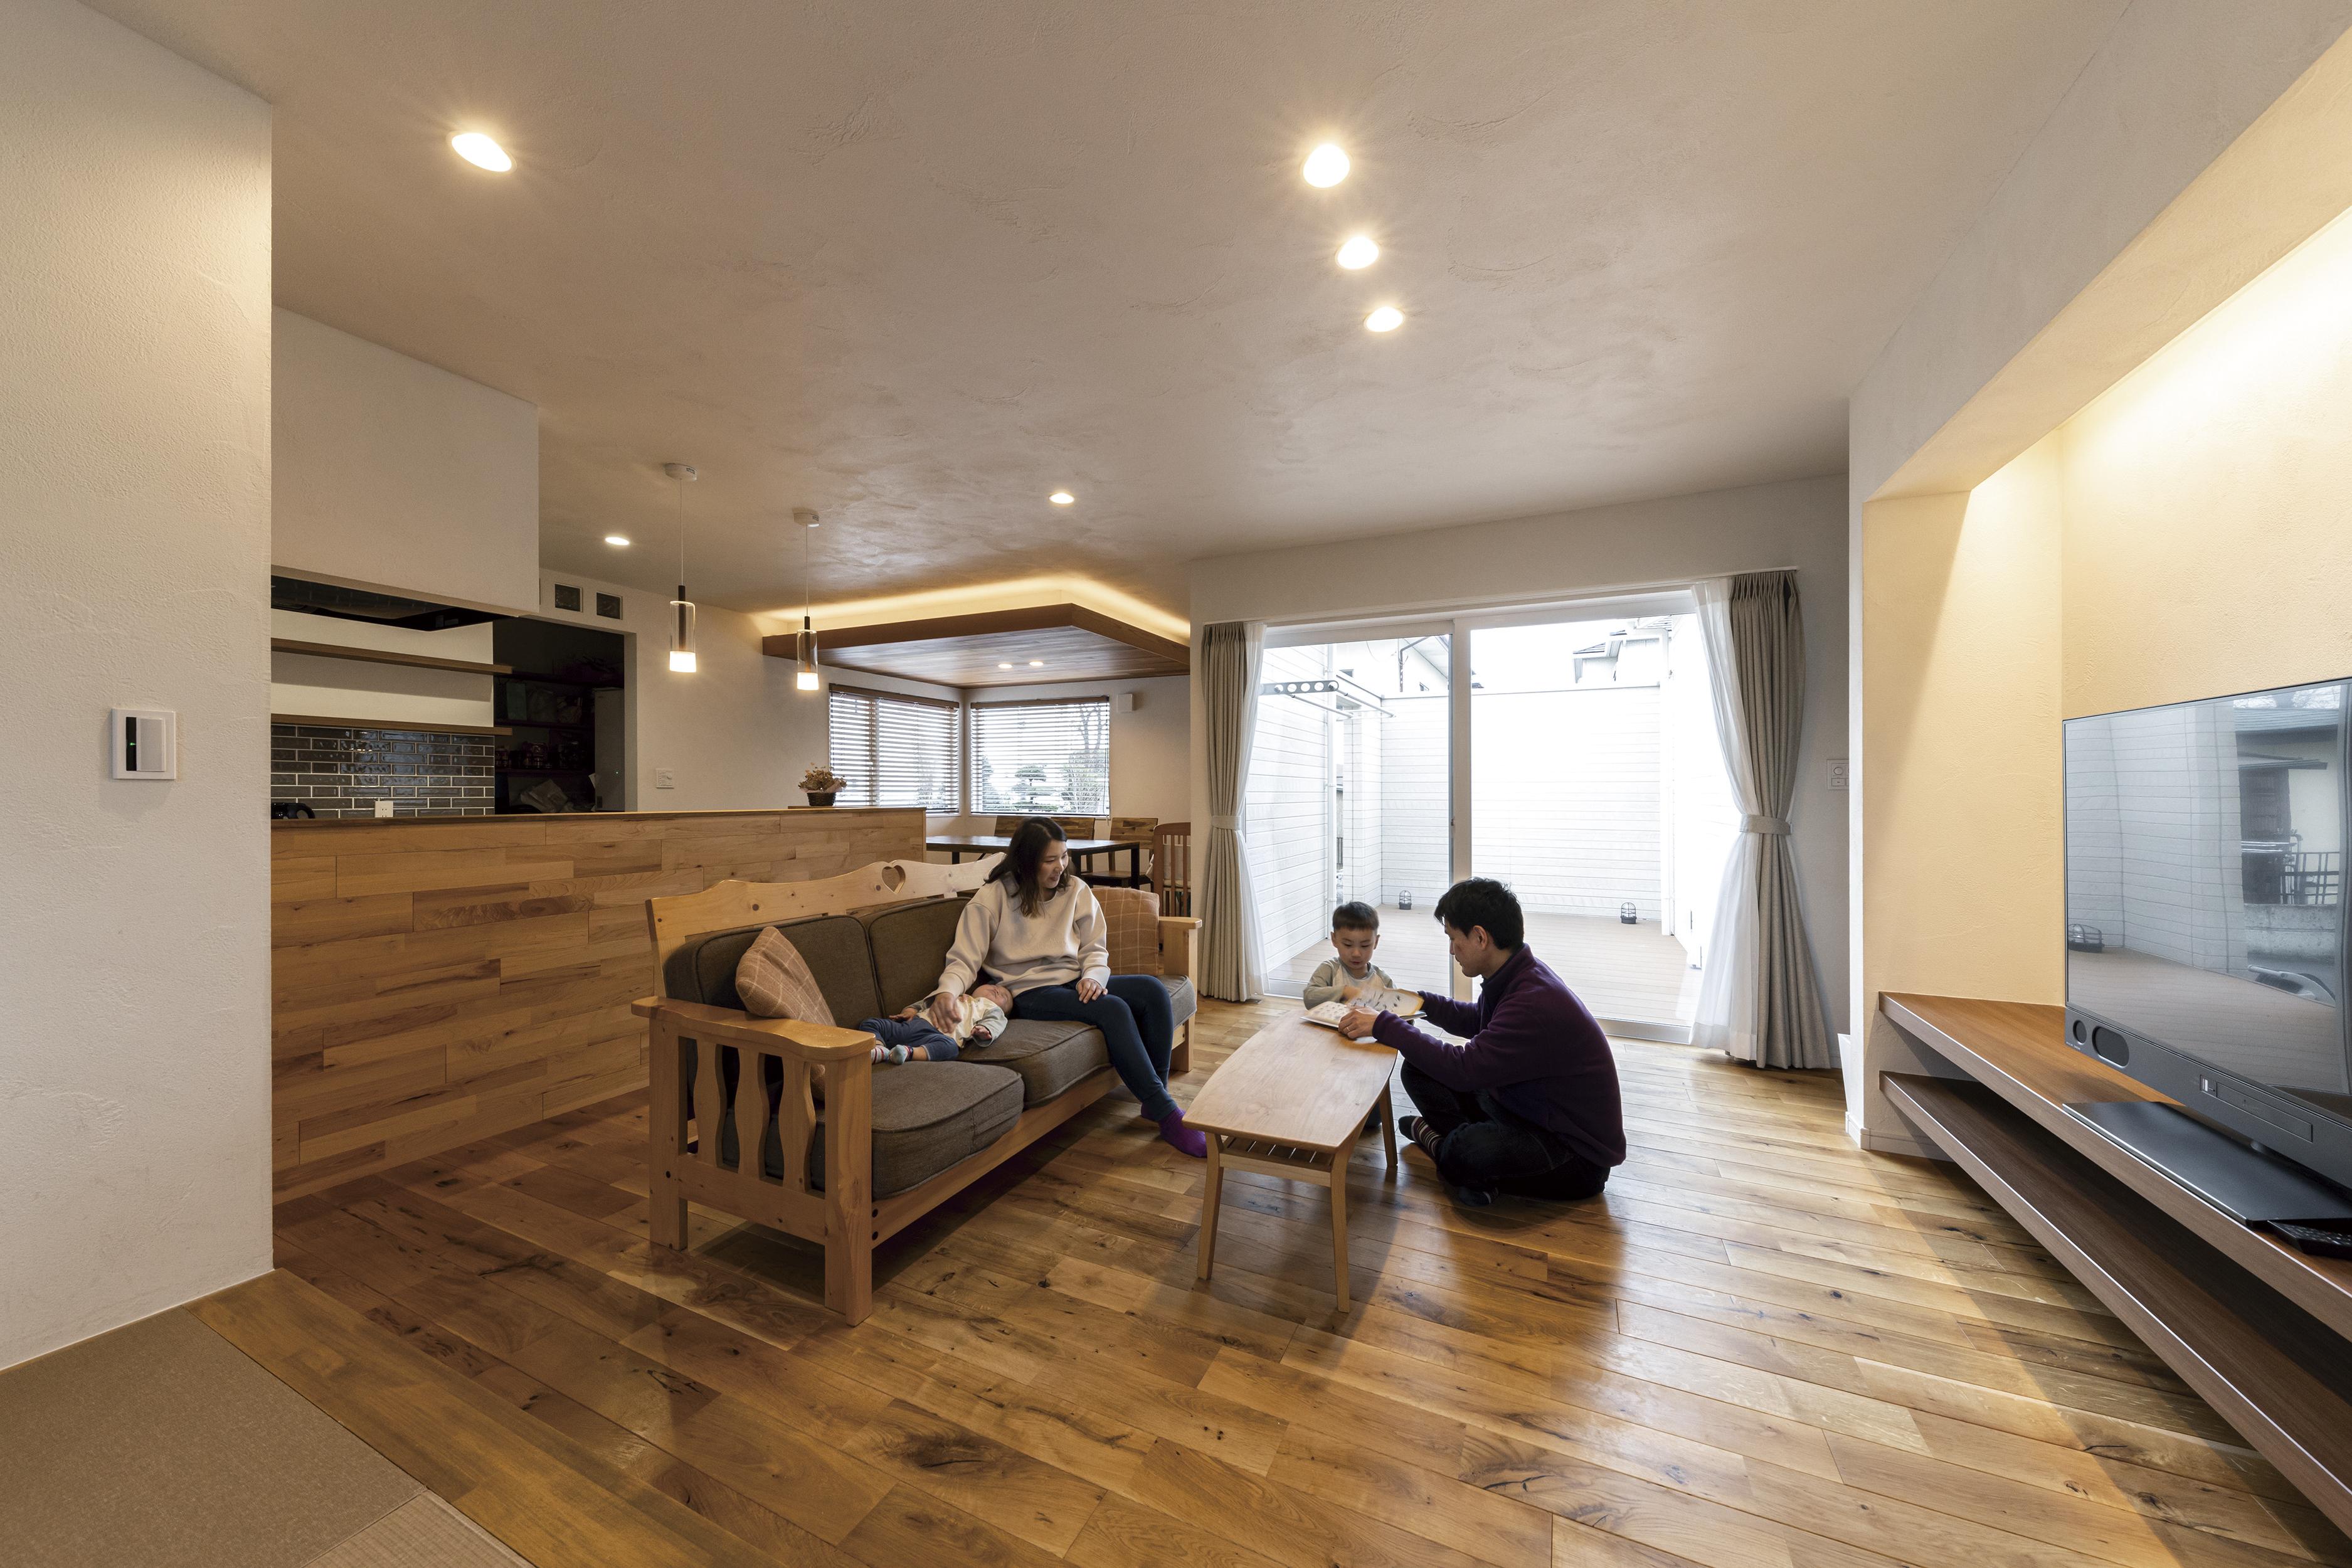 間接照明で雰囲気UP!板張りダイニングの平屋の家